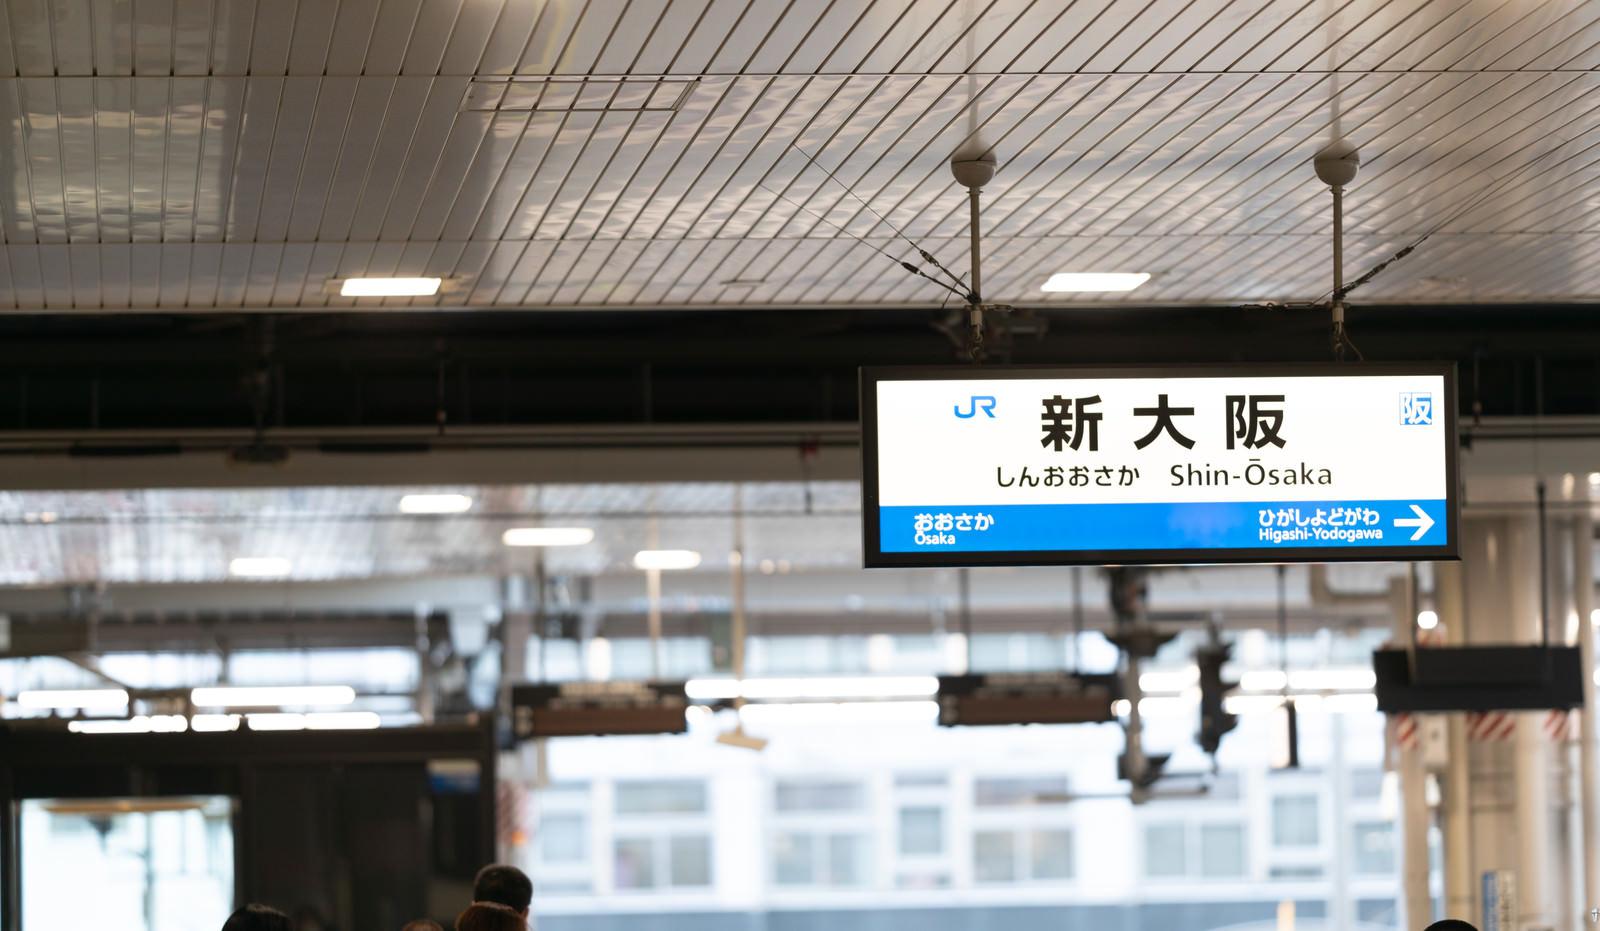 「駅名標(新大阪)」の写真